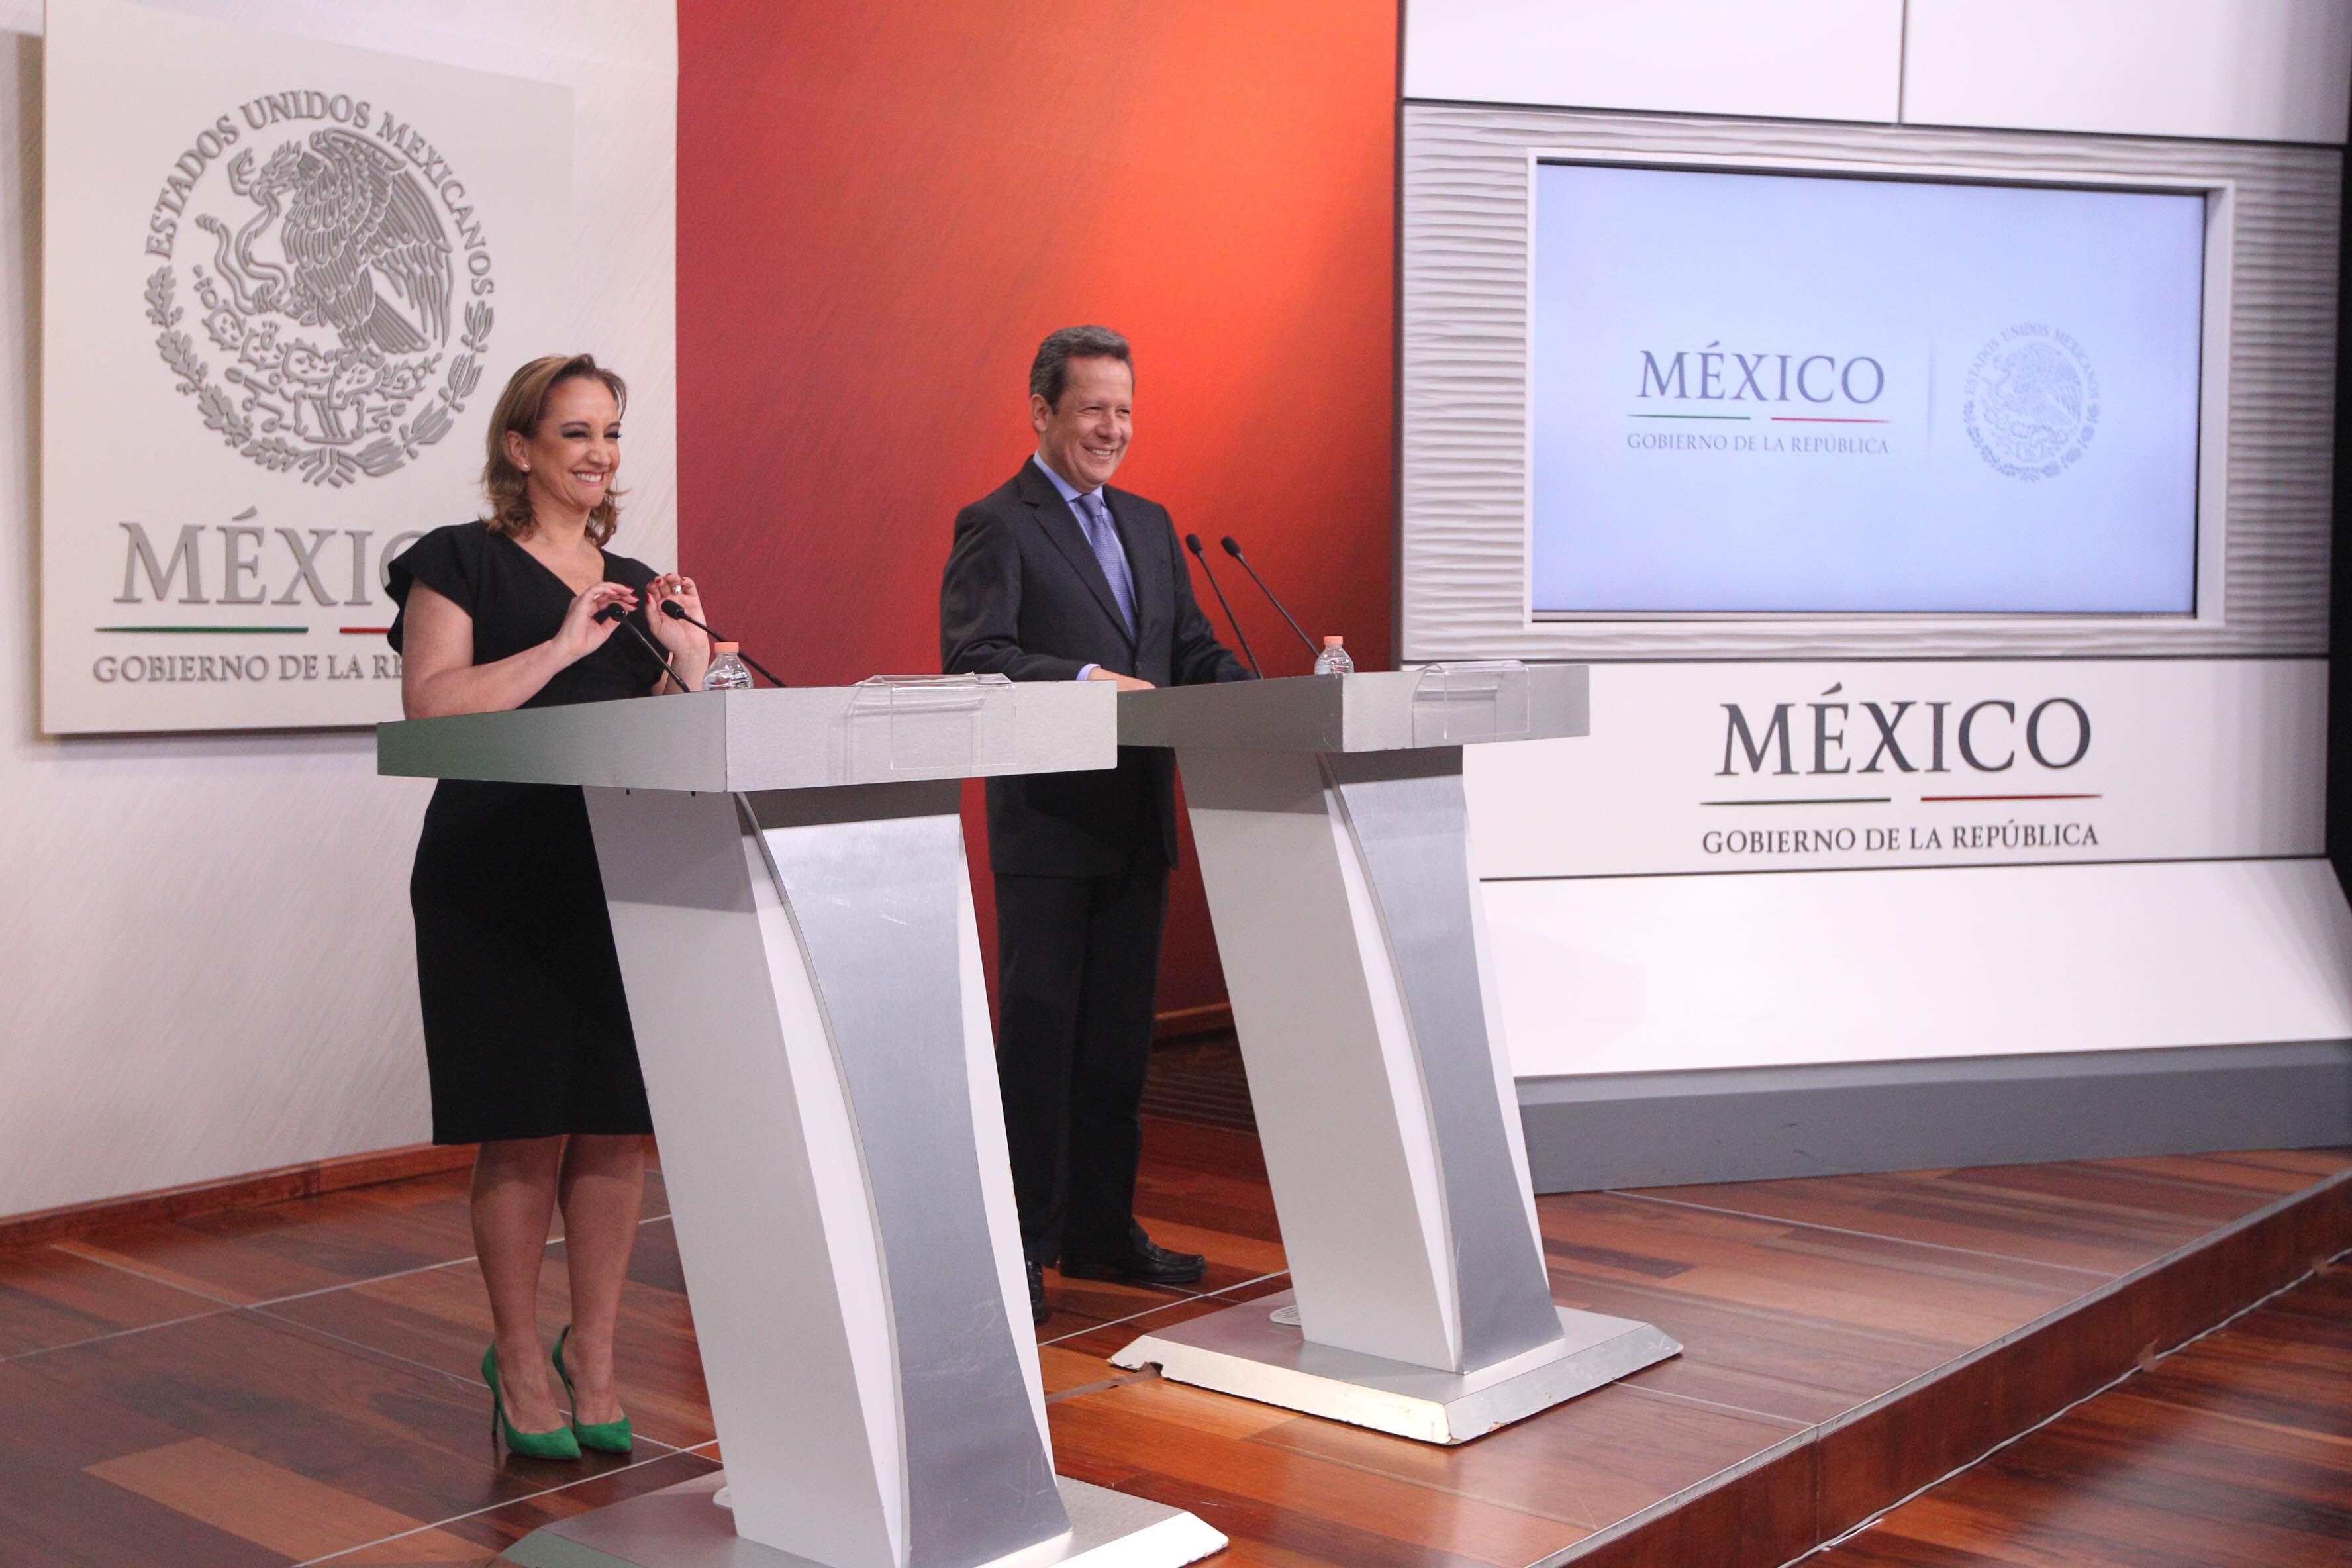 La Canciller Claudia Ruiz Massieu y el Coordinador de Comunicación Social y Vocero del Gobierno de la República Eduardo Sánchez Hernández